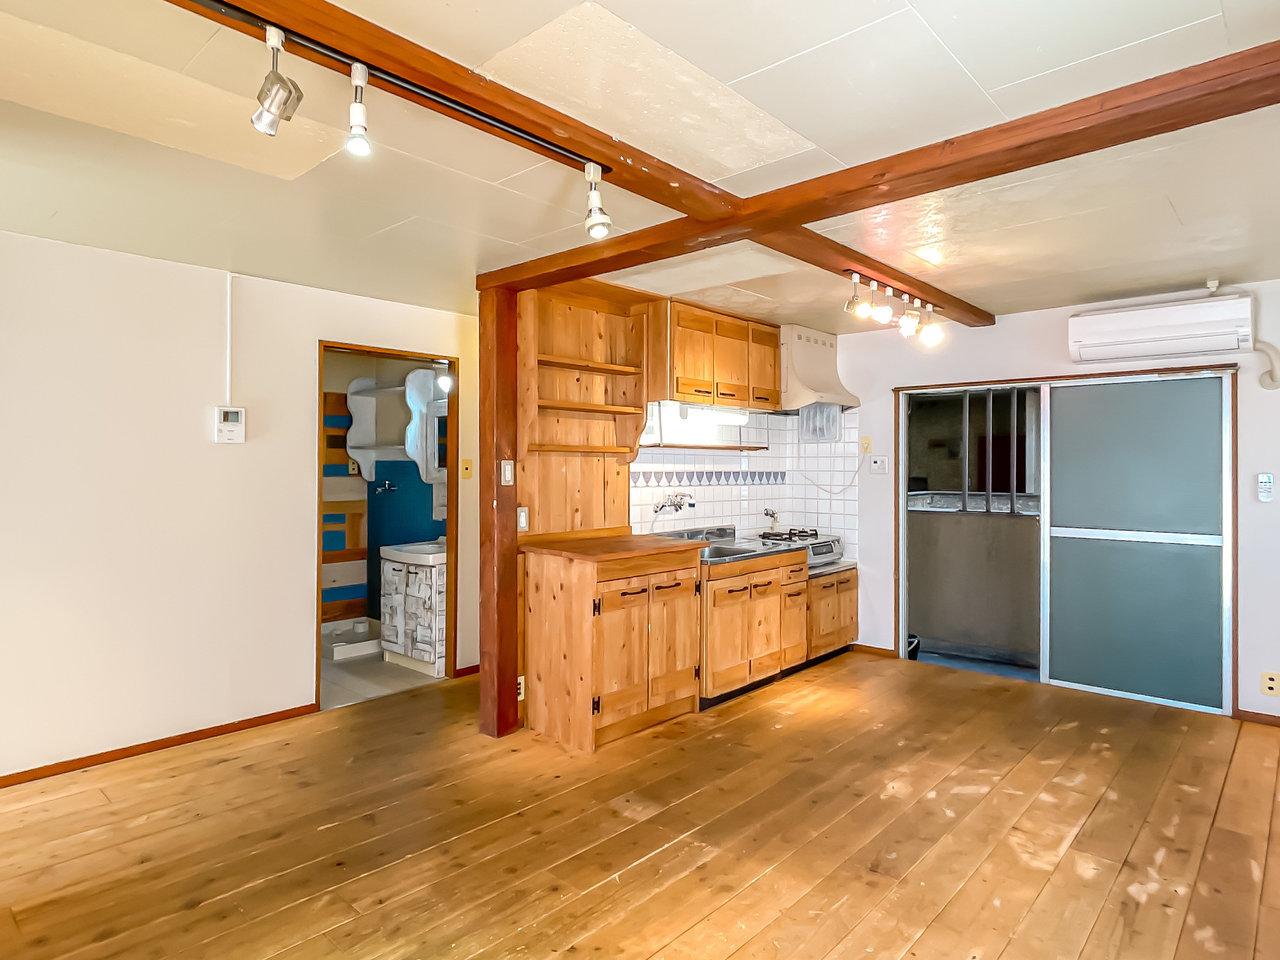 木材の質感をたっぷりと感じられる、温かみのあるお部屋です。アンティークのインテリアがよく合いそう。